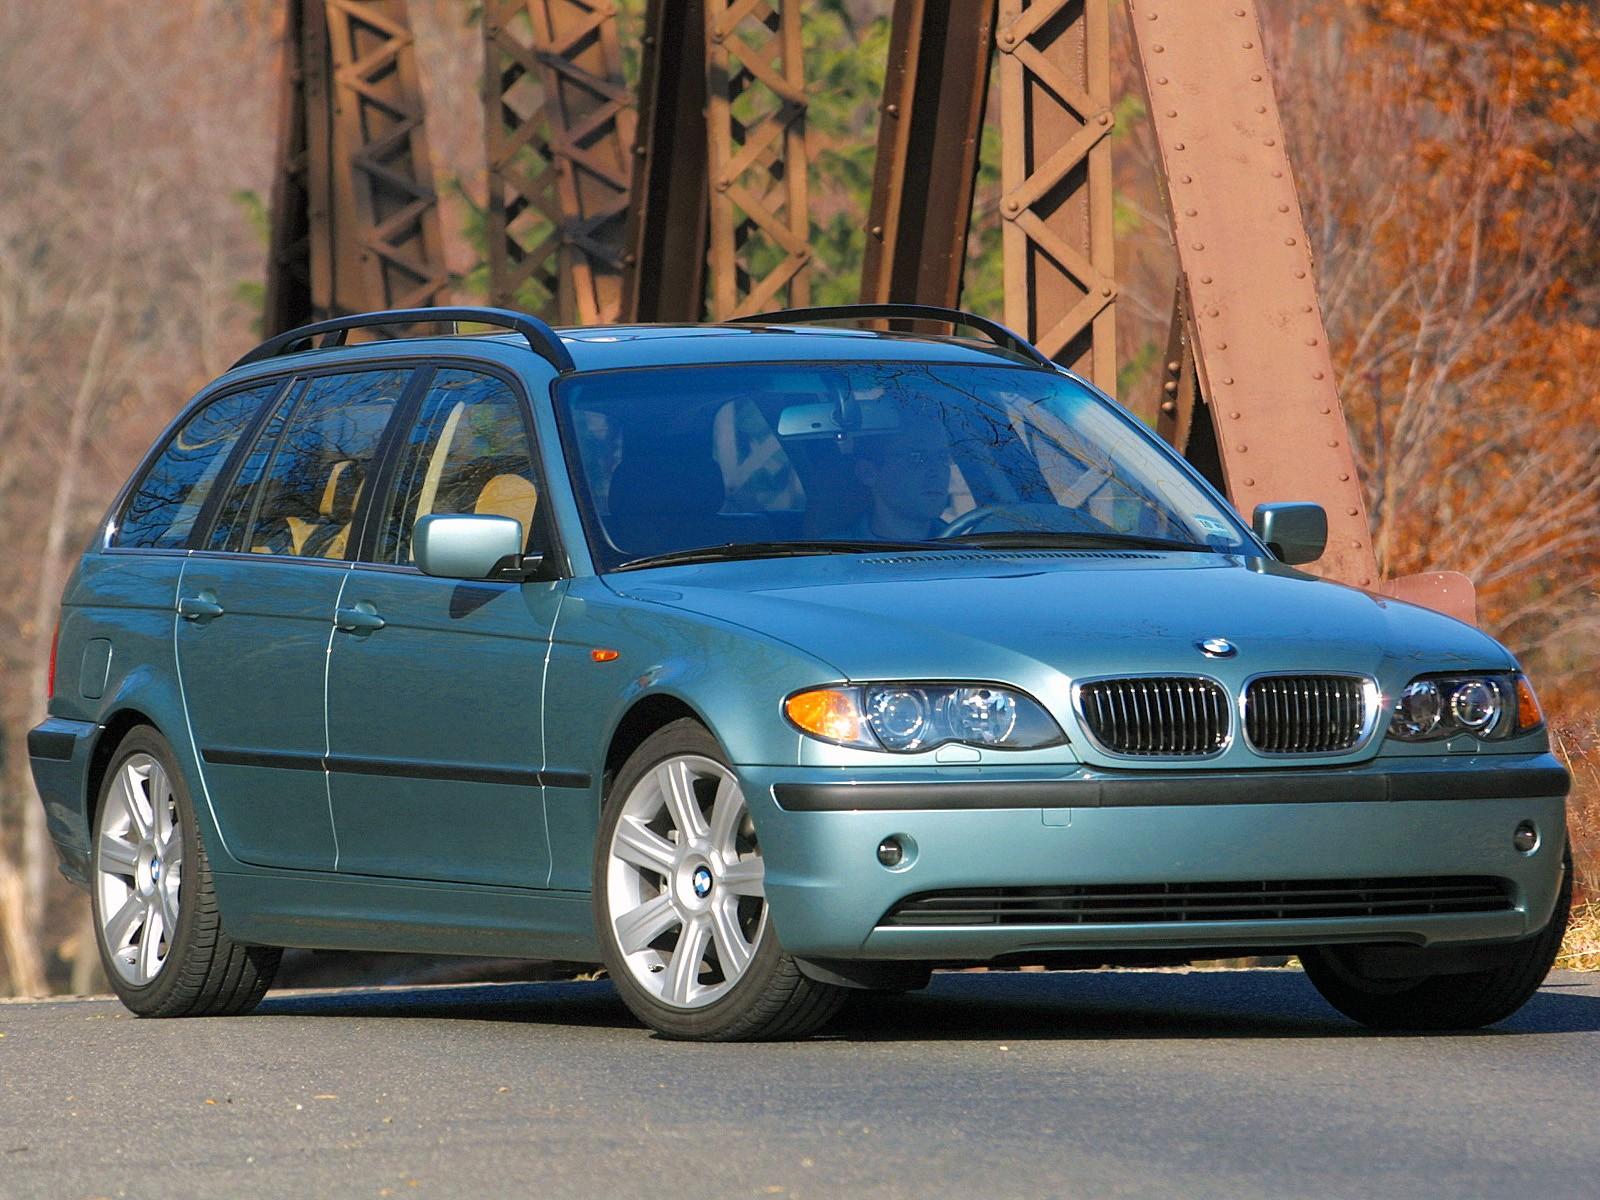 2004 BMW 325Xi >> BMW 3 Series Touring (E46) specs - 2001, 2002, 2003, 2004 ...